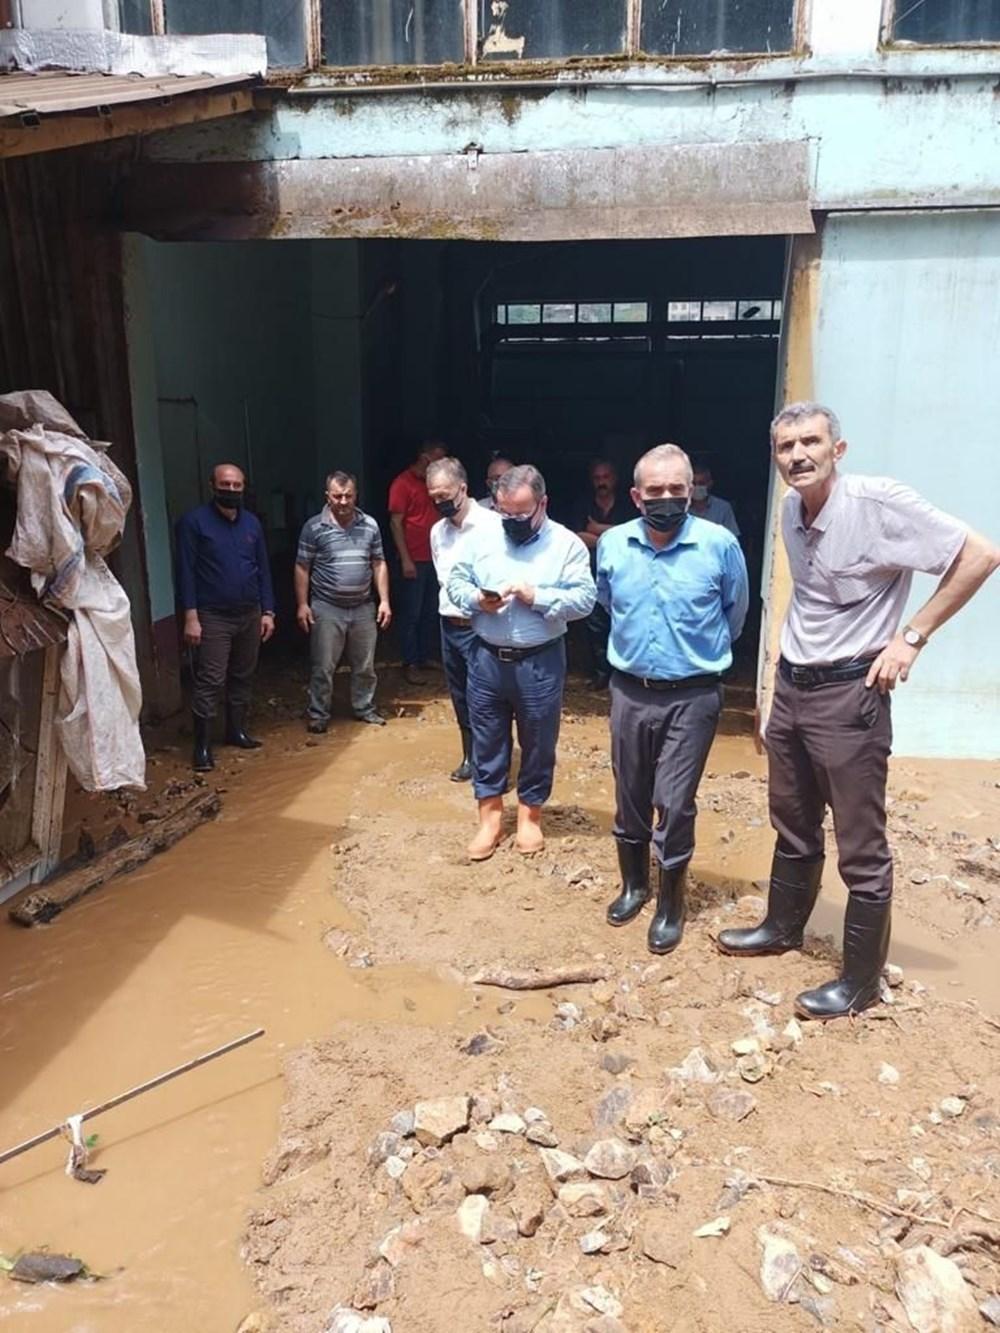 Rize ve Artvin'de beklenen yağış başladı: Arhavi'de iki mahalleyi su bastı - 12